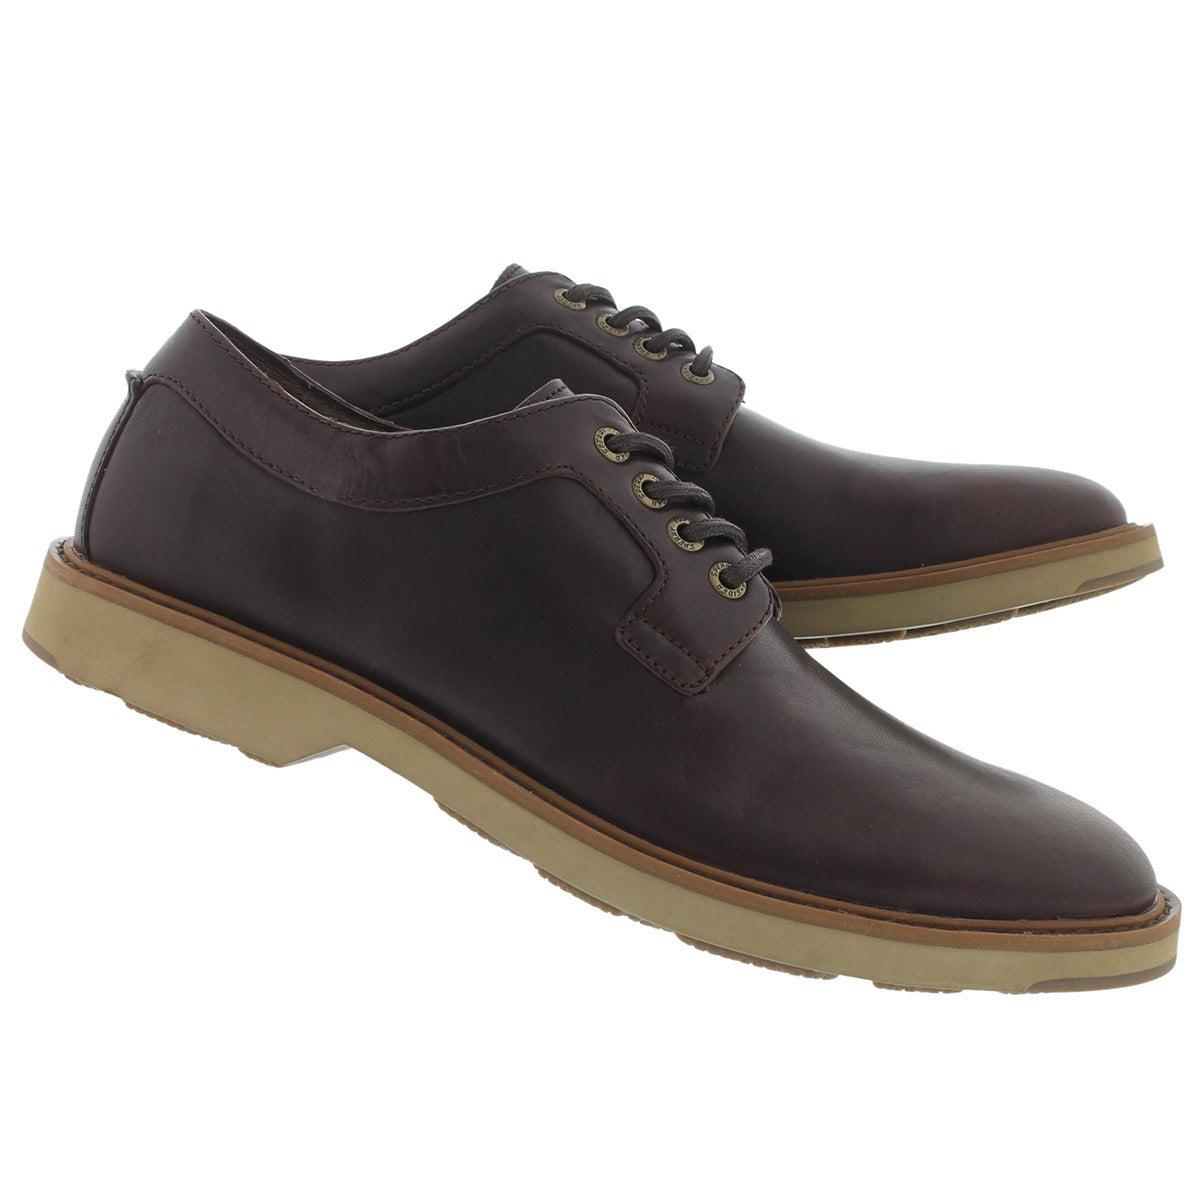 Mns Commander oxblood lace-up shoe